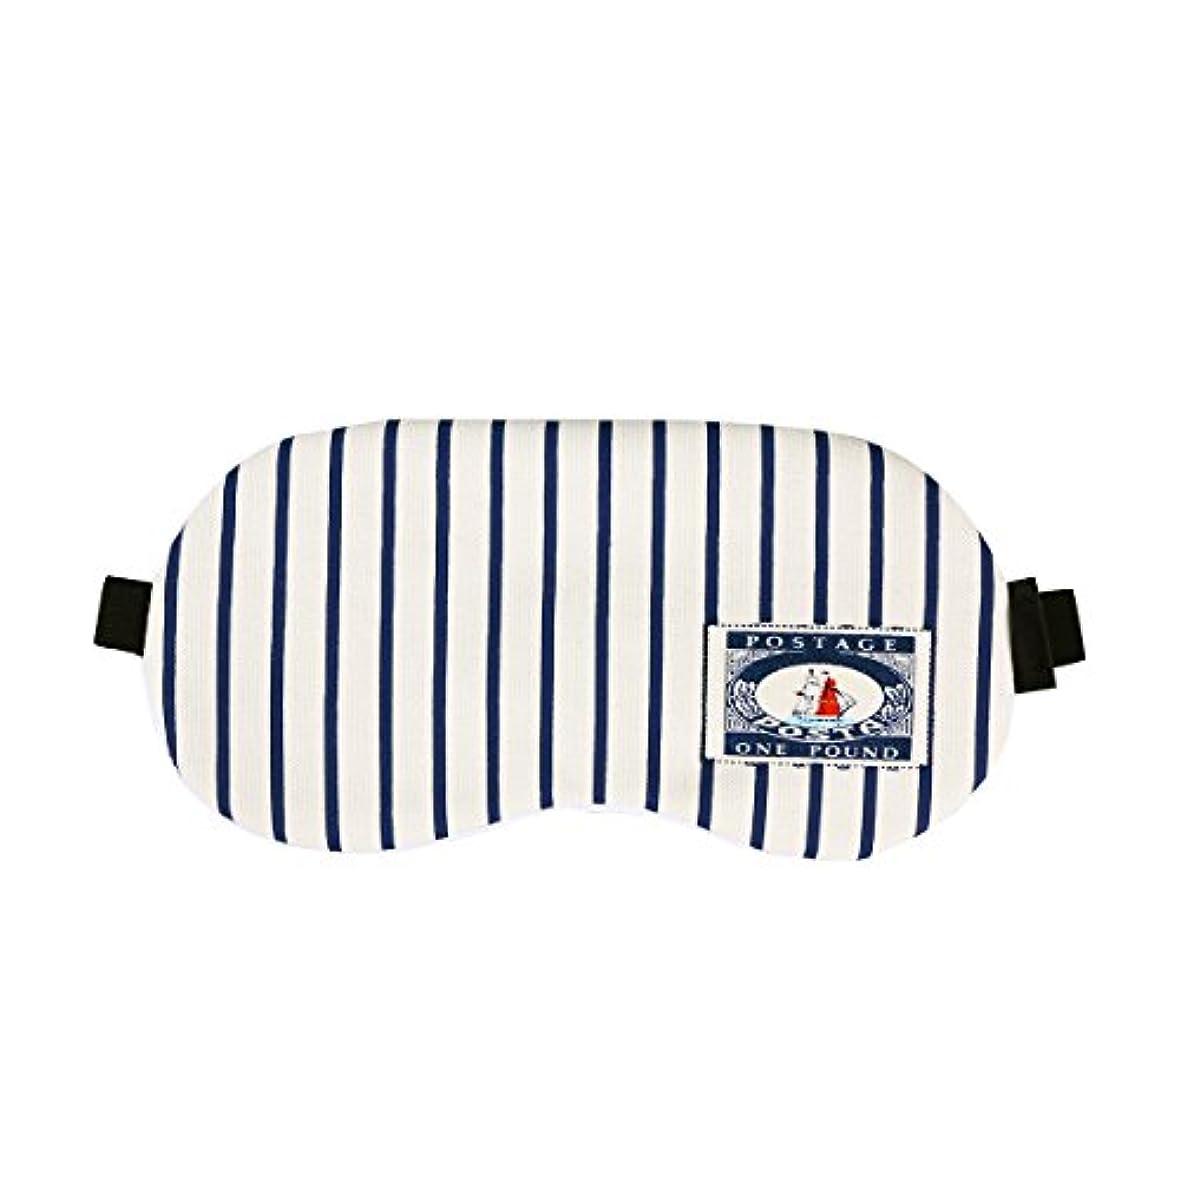 ストライプ野望いじめっ子HEALLILY コットンアイスリーピングマスクかわいいアイマスクレストスリーピングマスクアイパッチ目隠し旅行用Sleeping Aid(ストライプ)